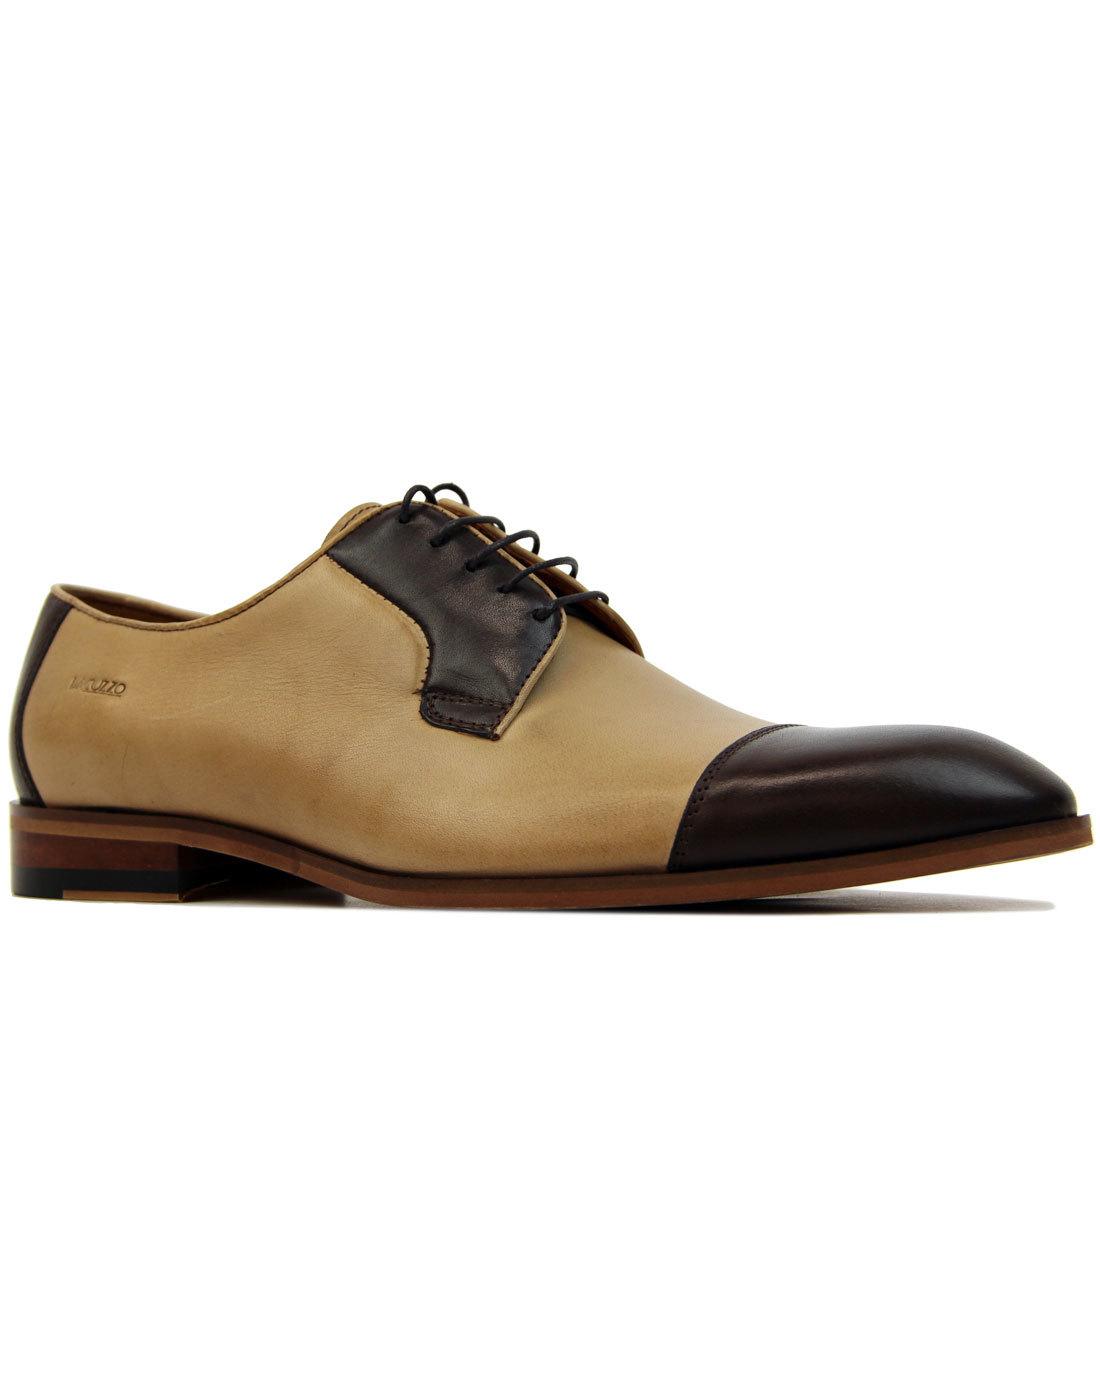 Ogden LACUZZO Retro 60s Mod 2 Tone Derby Shoes